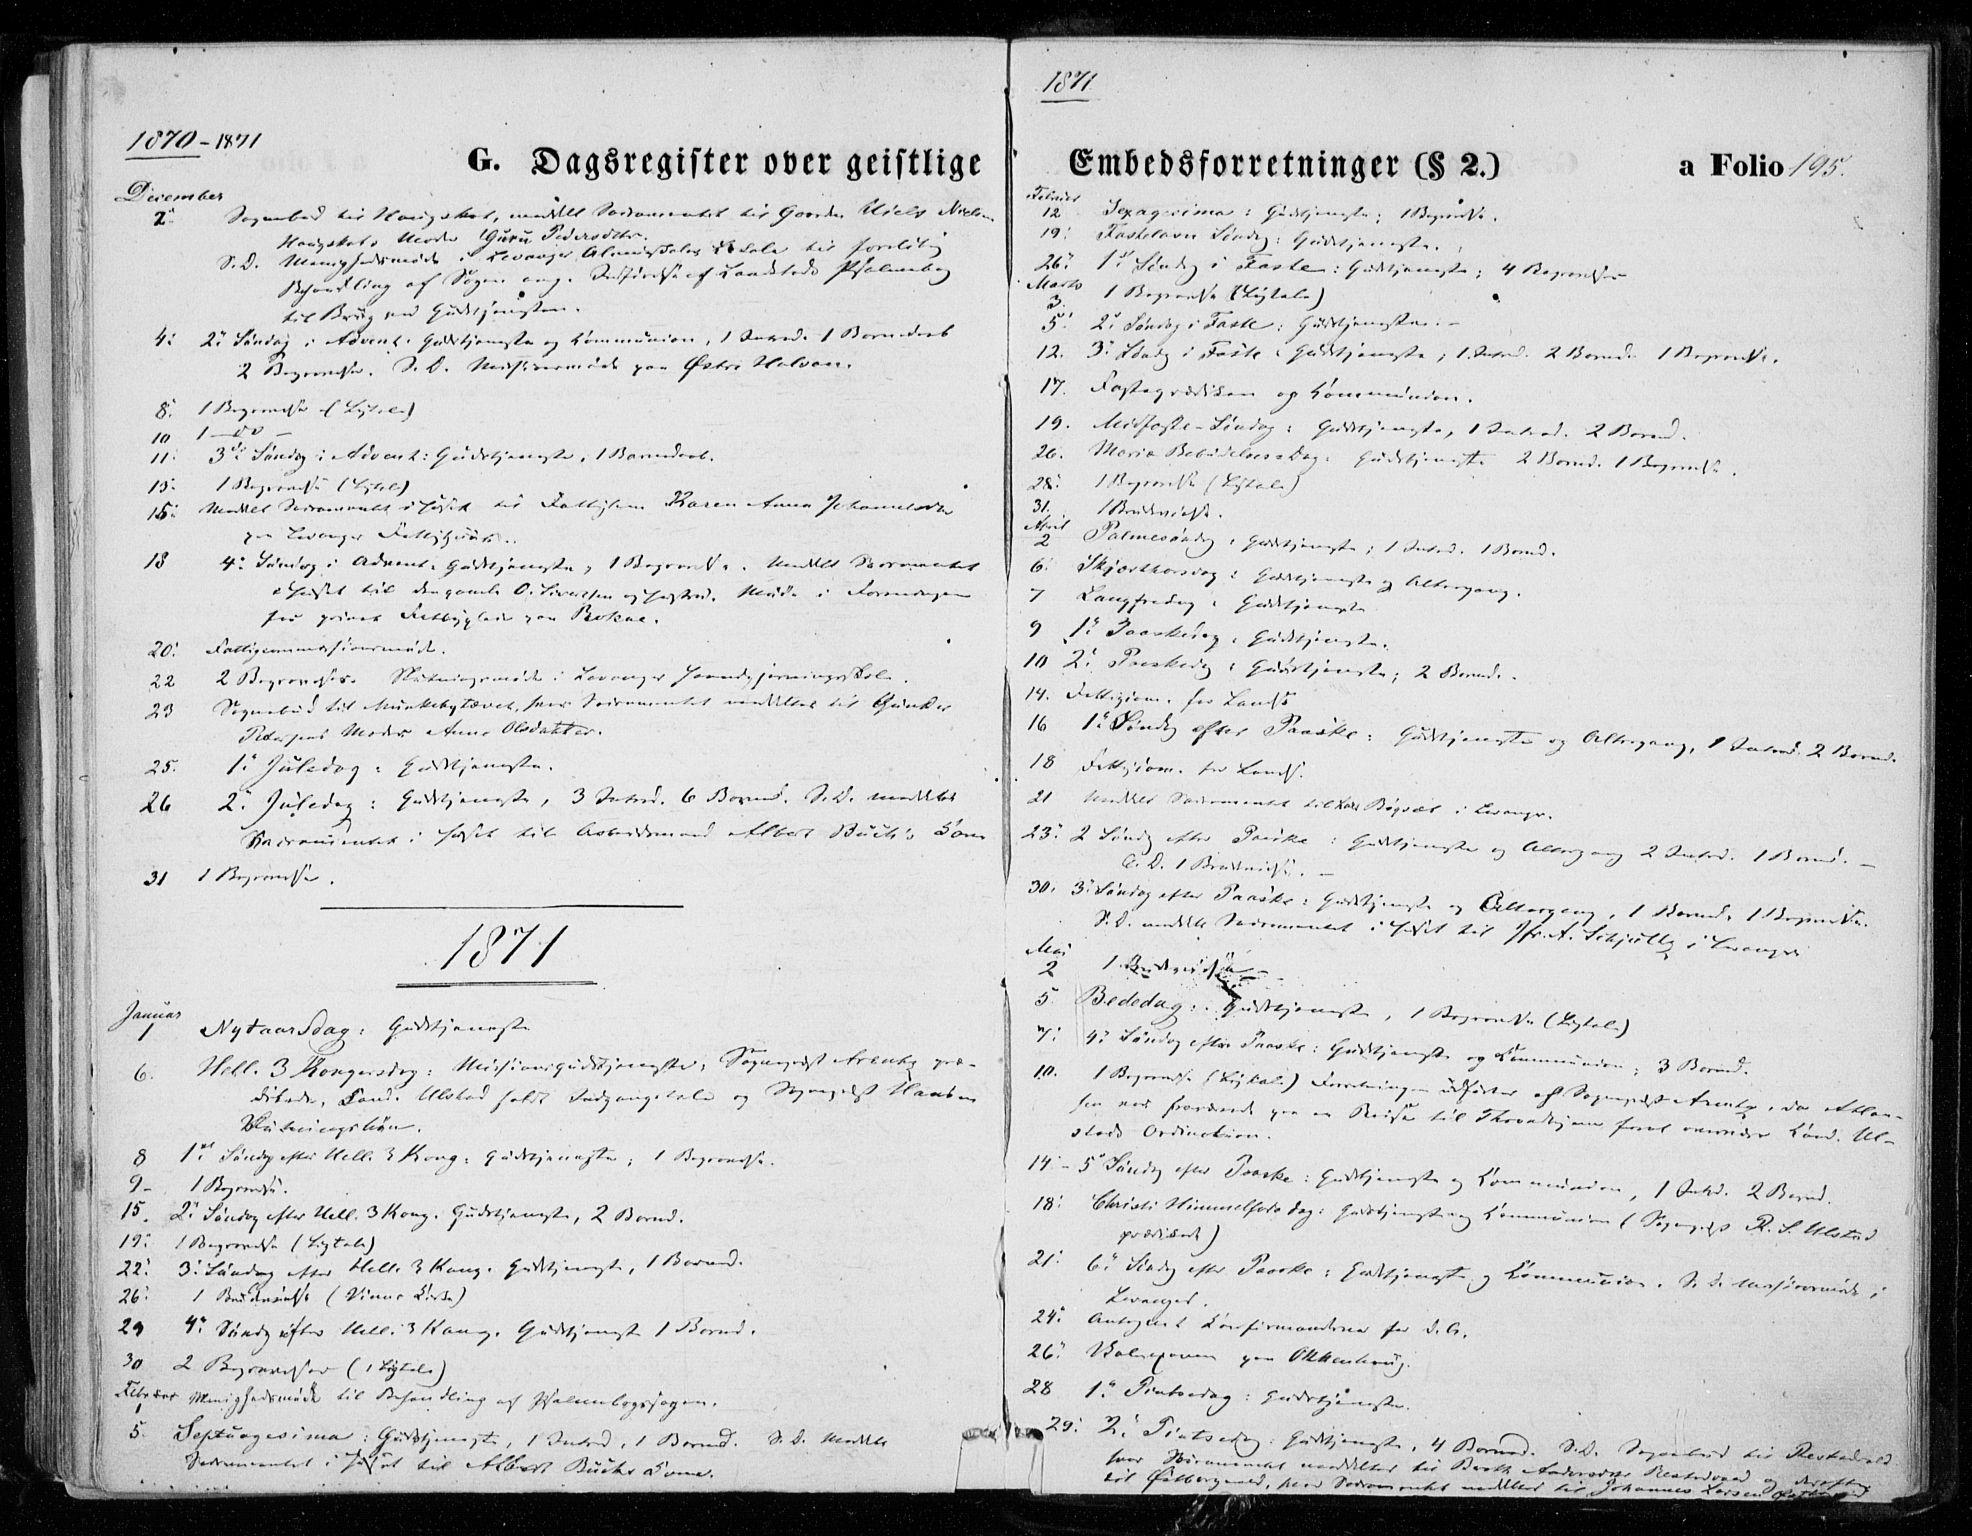 SAT, Ministerialprotokoller, klokkerbøker og fødselsregistre - Nord-Trøndelag, 721/L0206: Parish register (official) no. 721A01, 1864-1874, p. 195